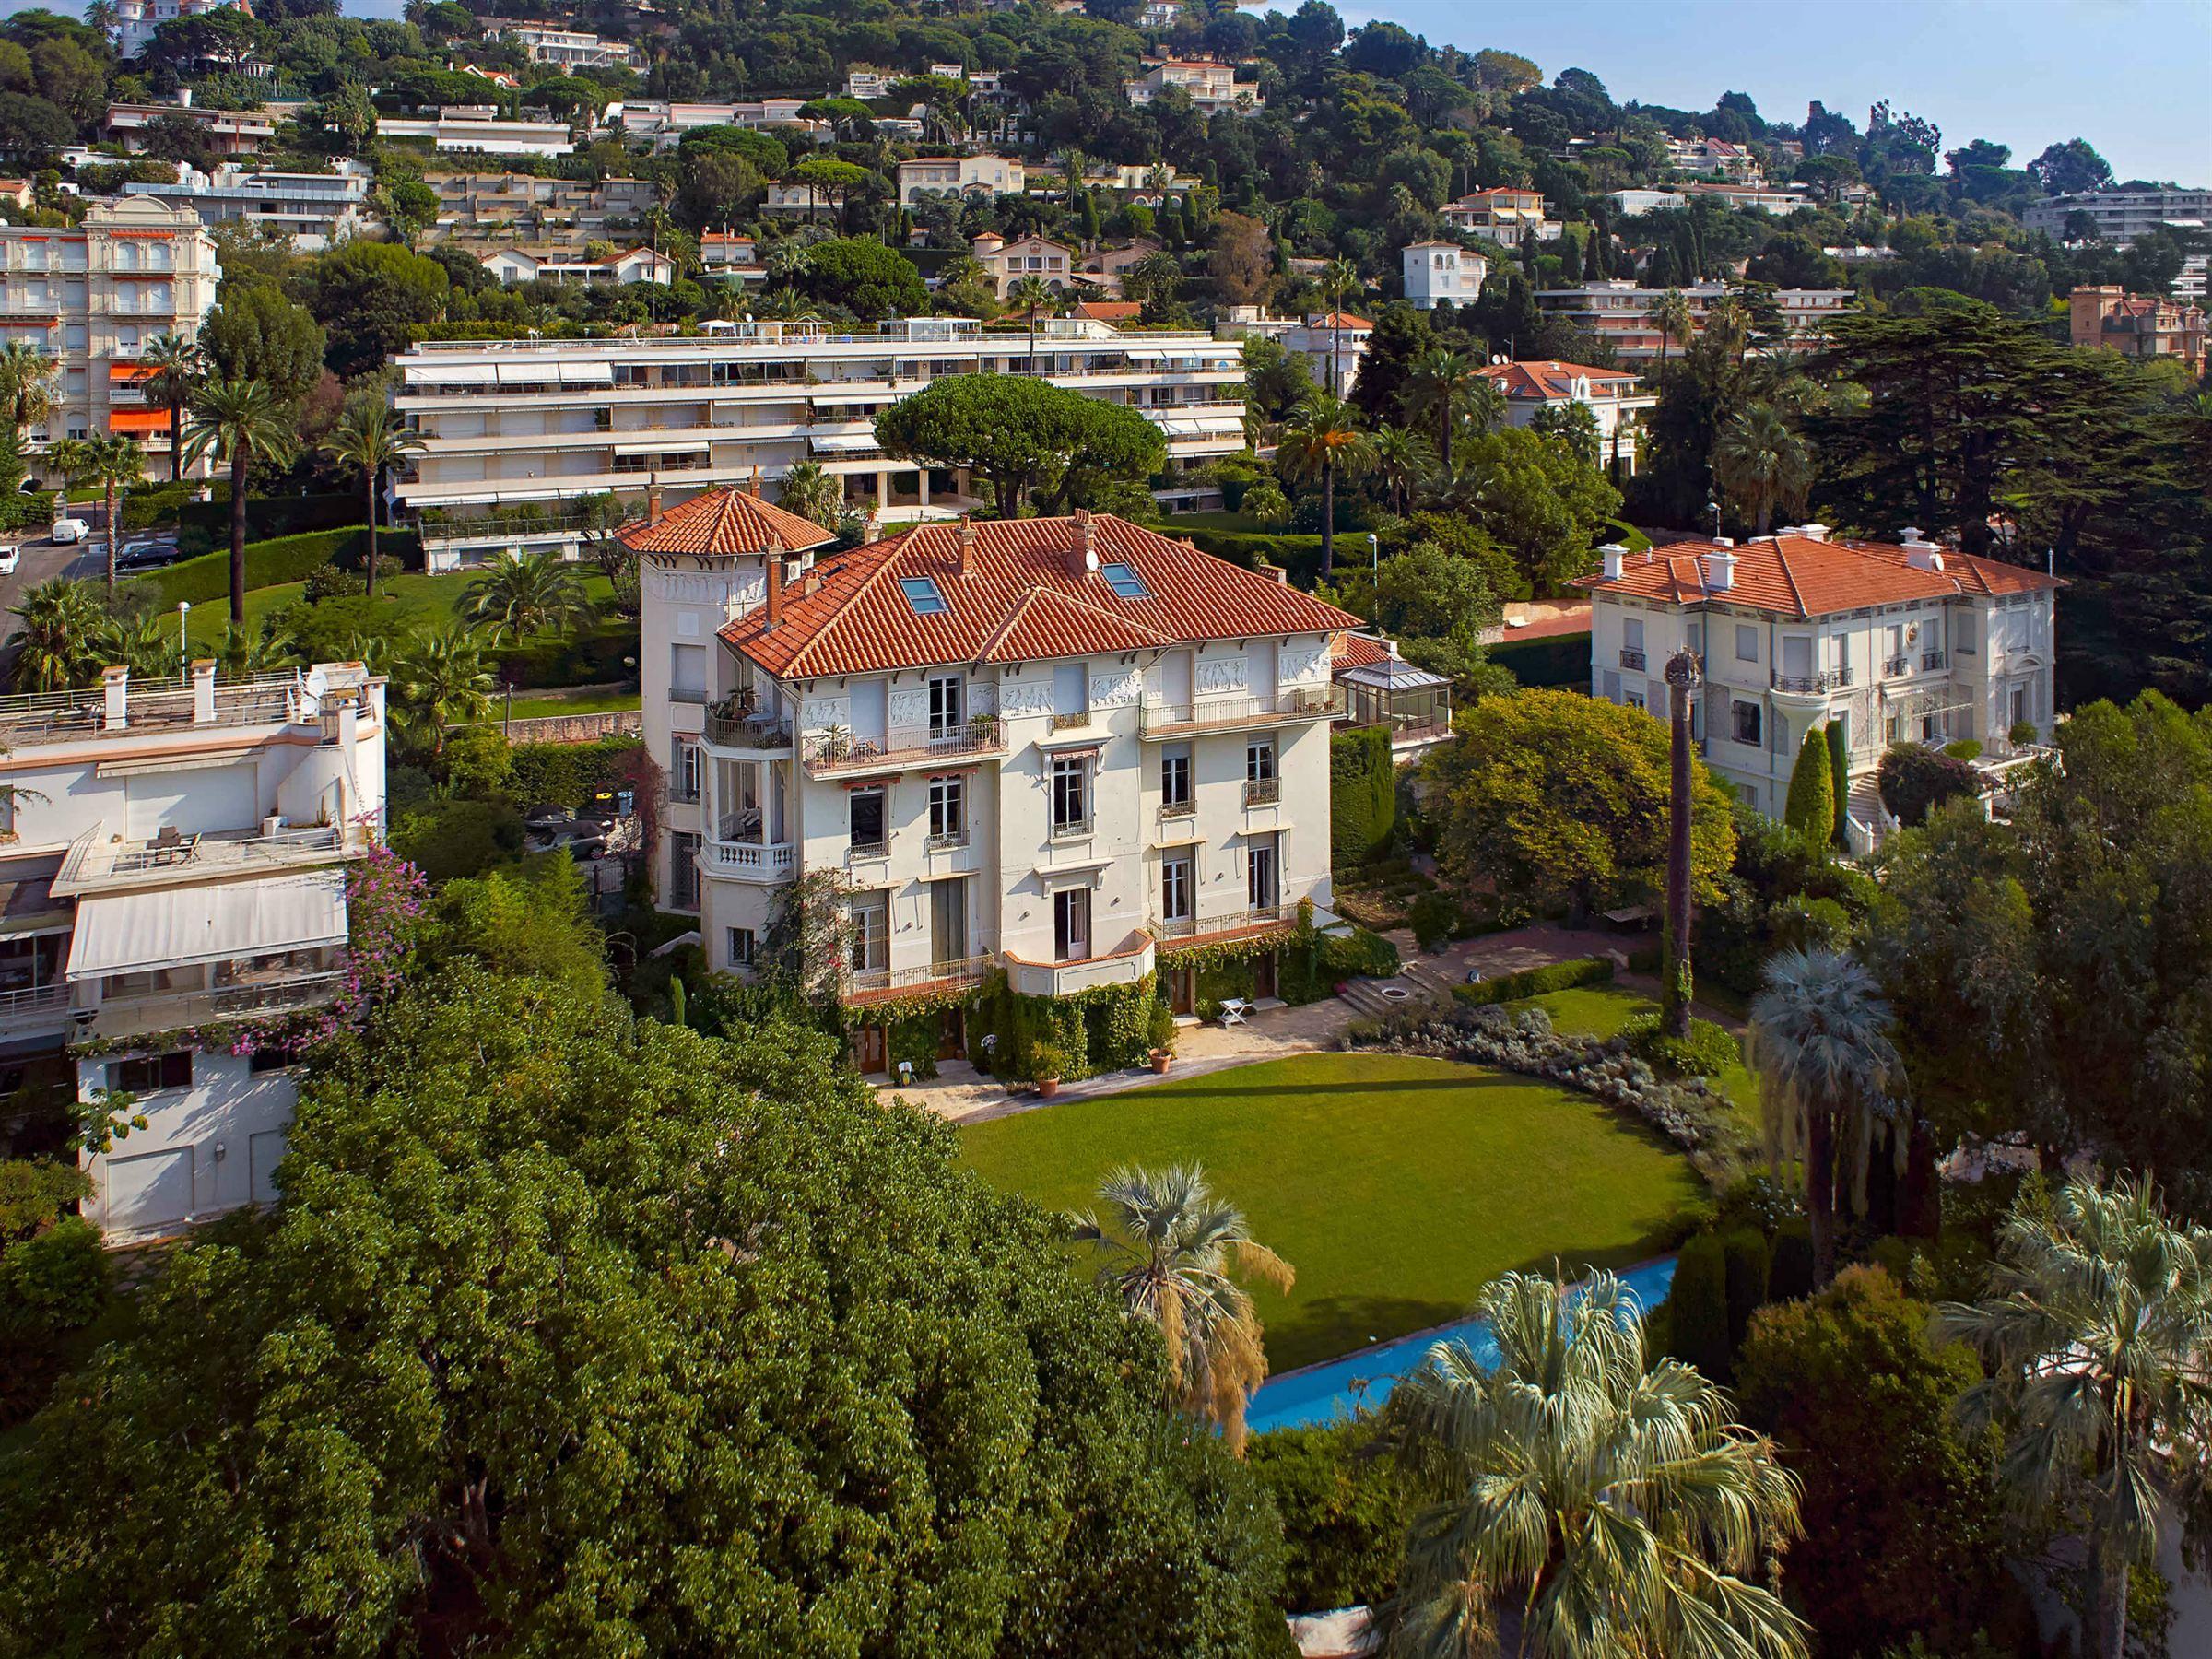 Apartamento para Venda às Large apartment with sea view in Californie, Cannes Cannes, Provença-Alpes-Costa Azul 06400 França